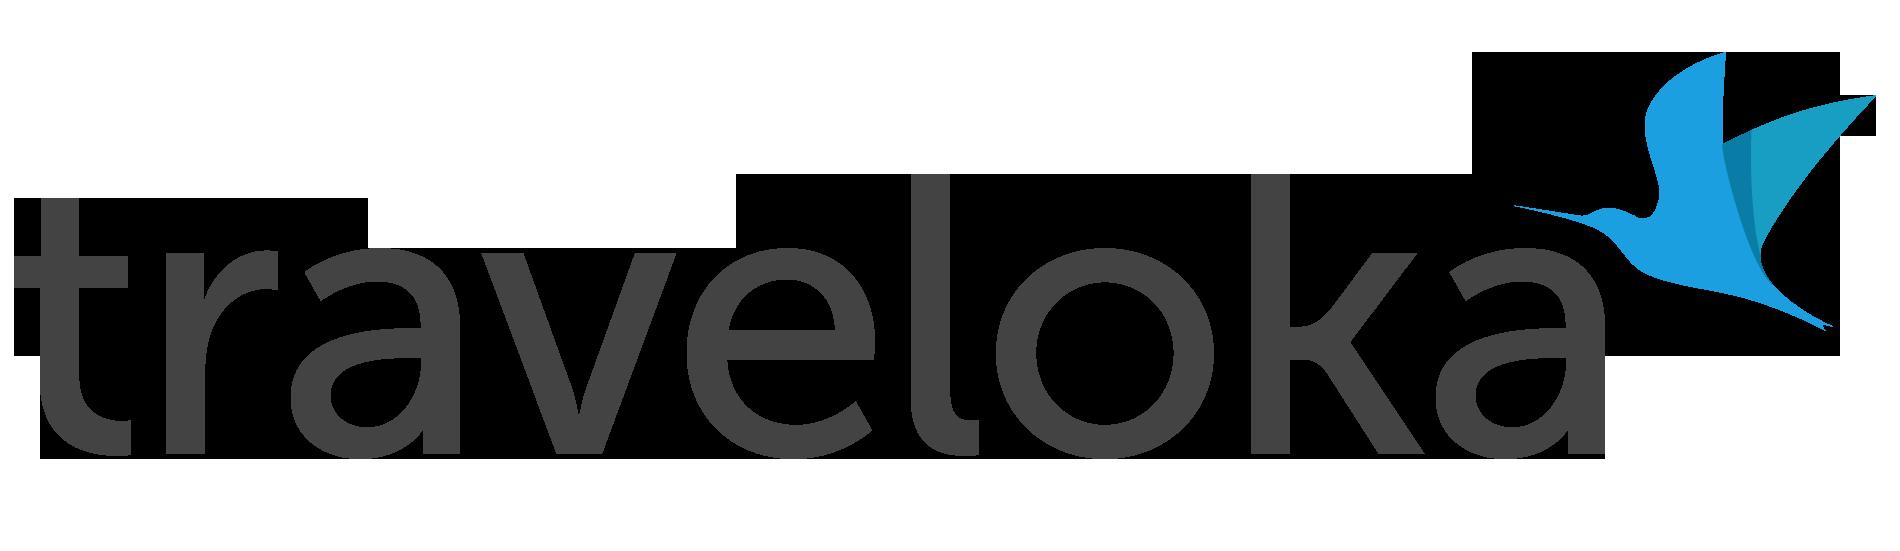 Traveloka Logo by Velia Auer.